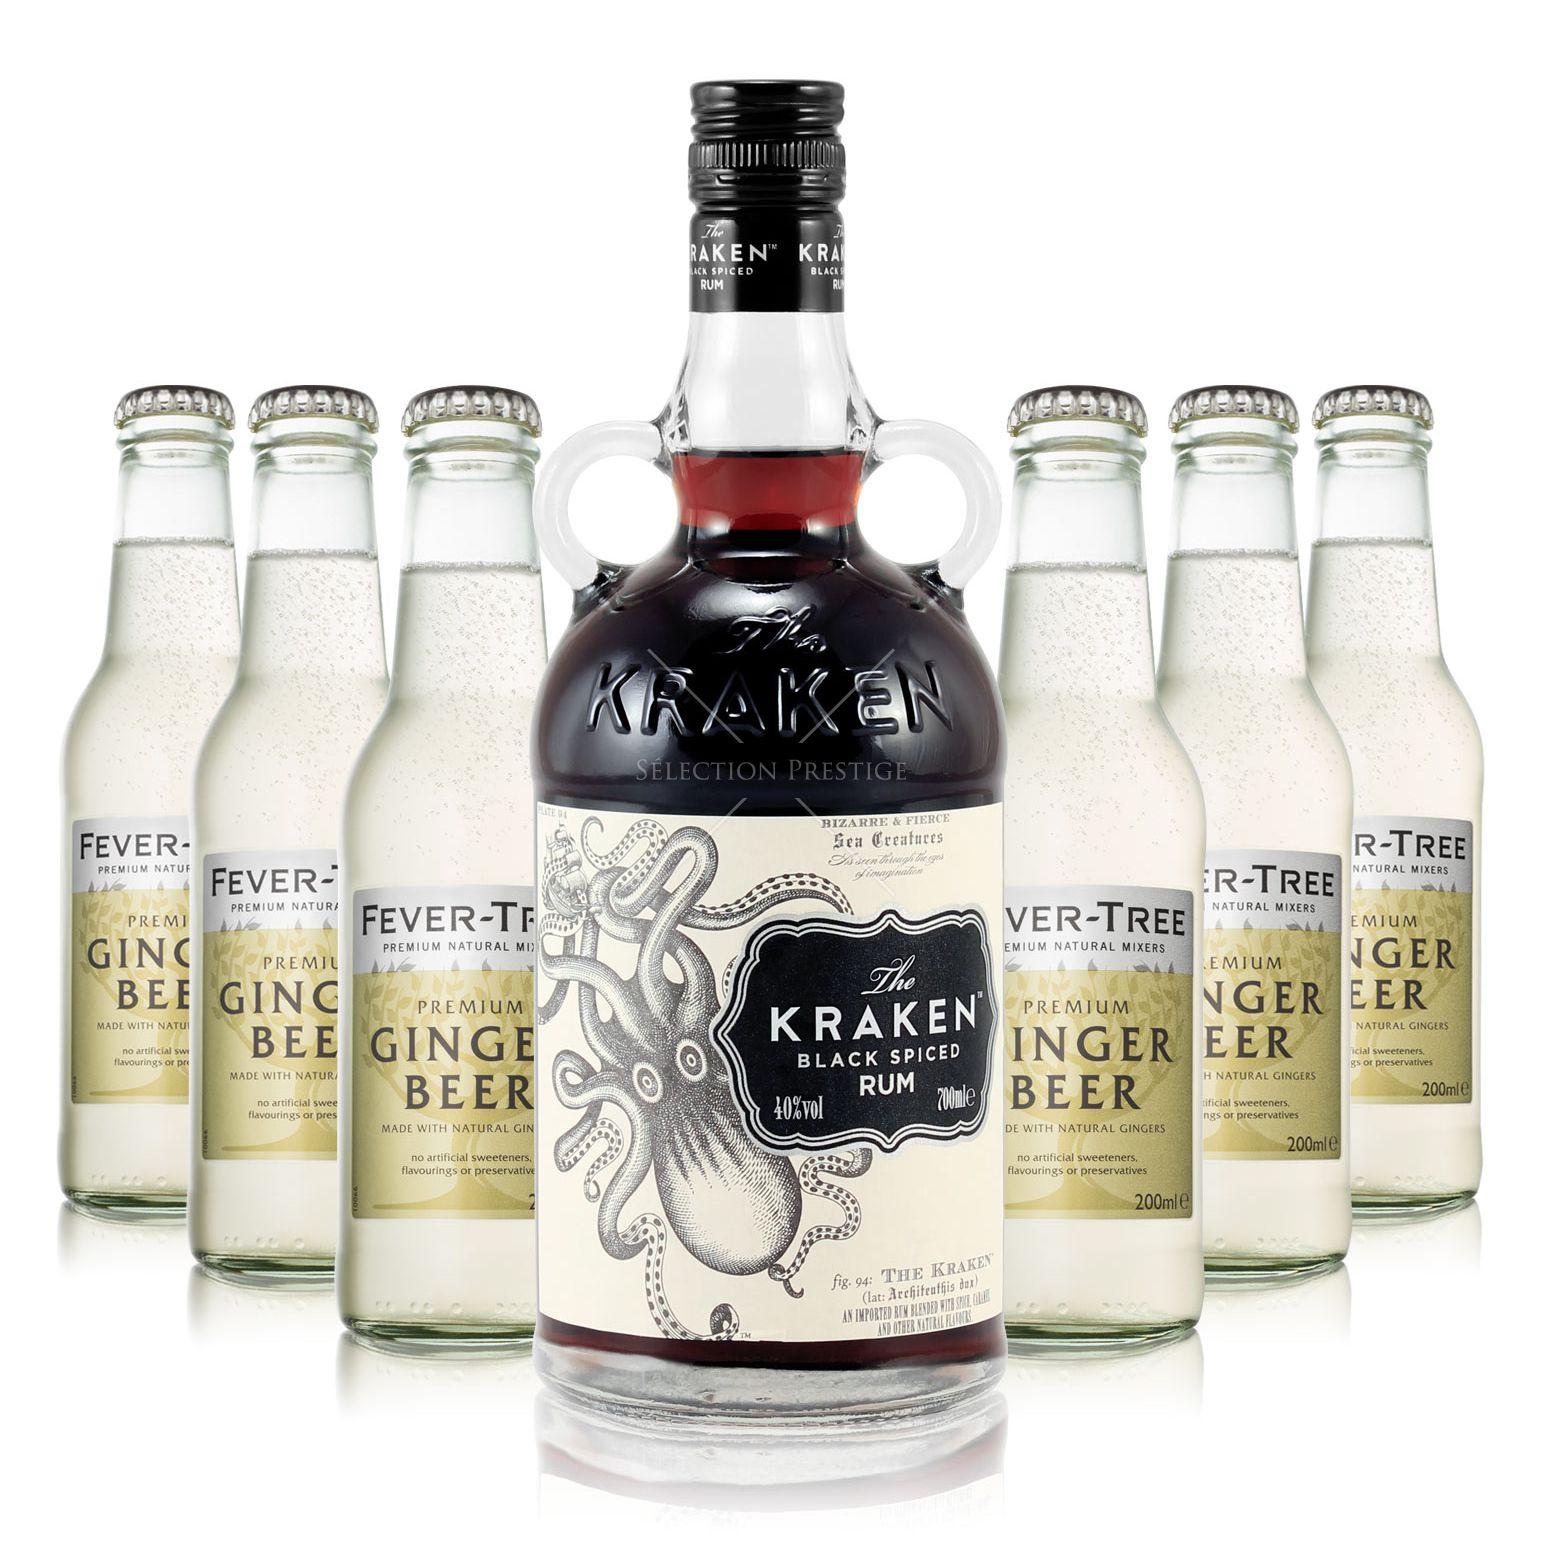 The Kraken Black Spiced Rum Fever Tree Ginger Beer